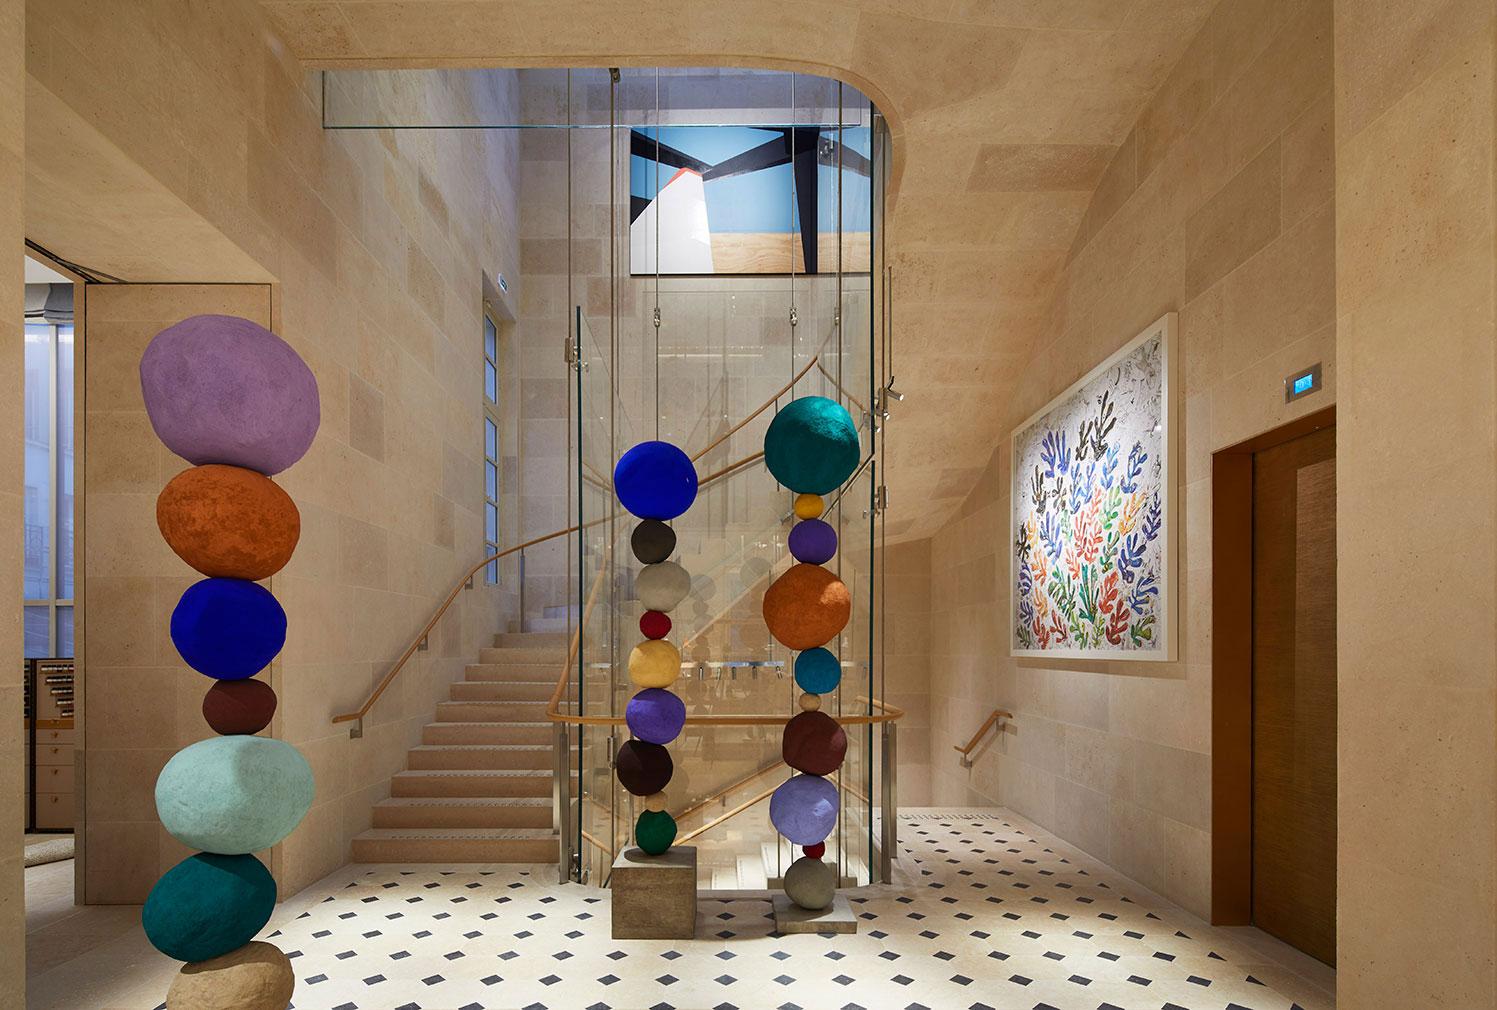 Louis Vuitton Place Vendome